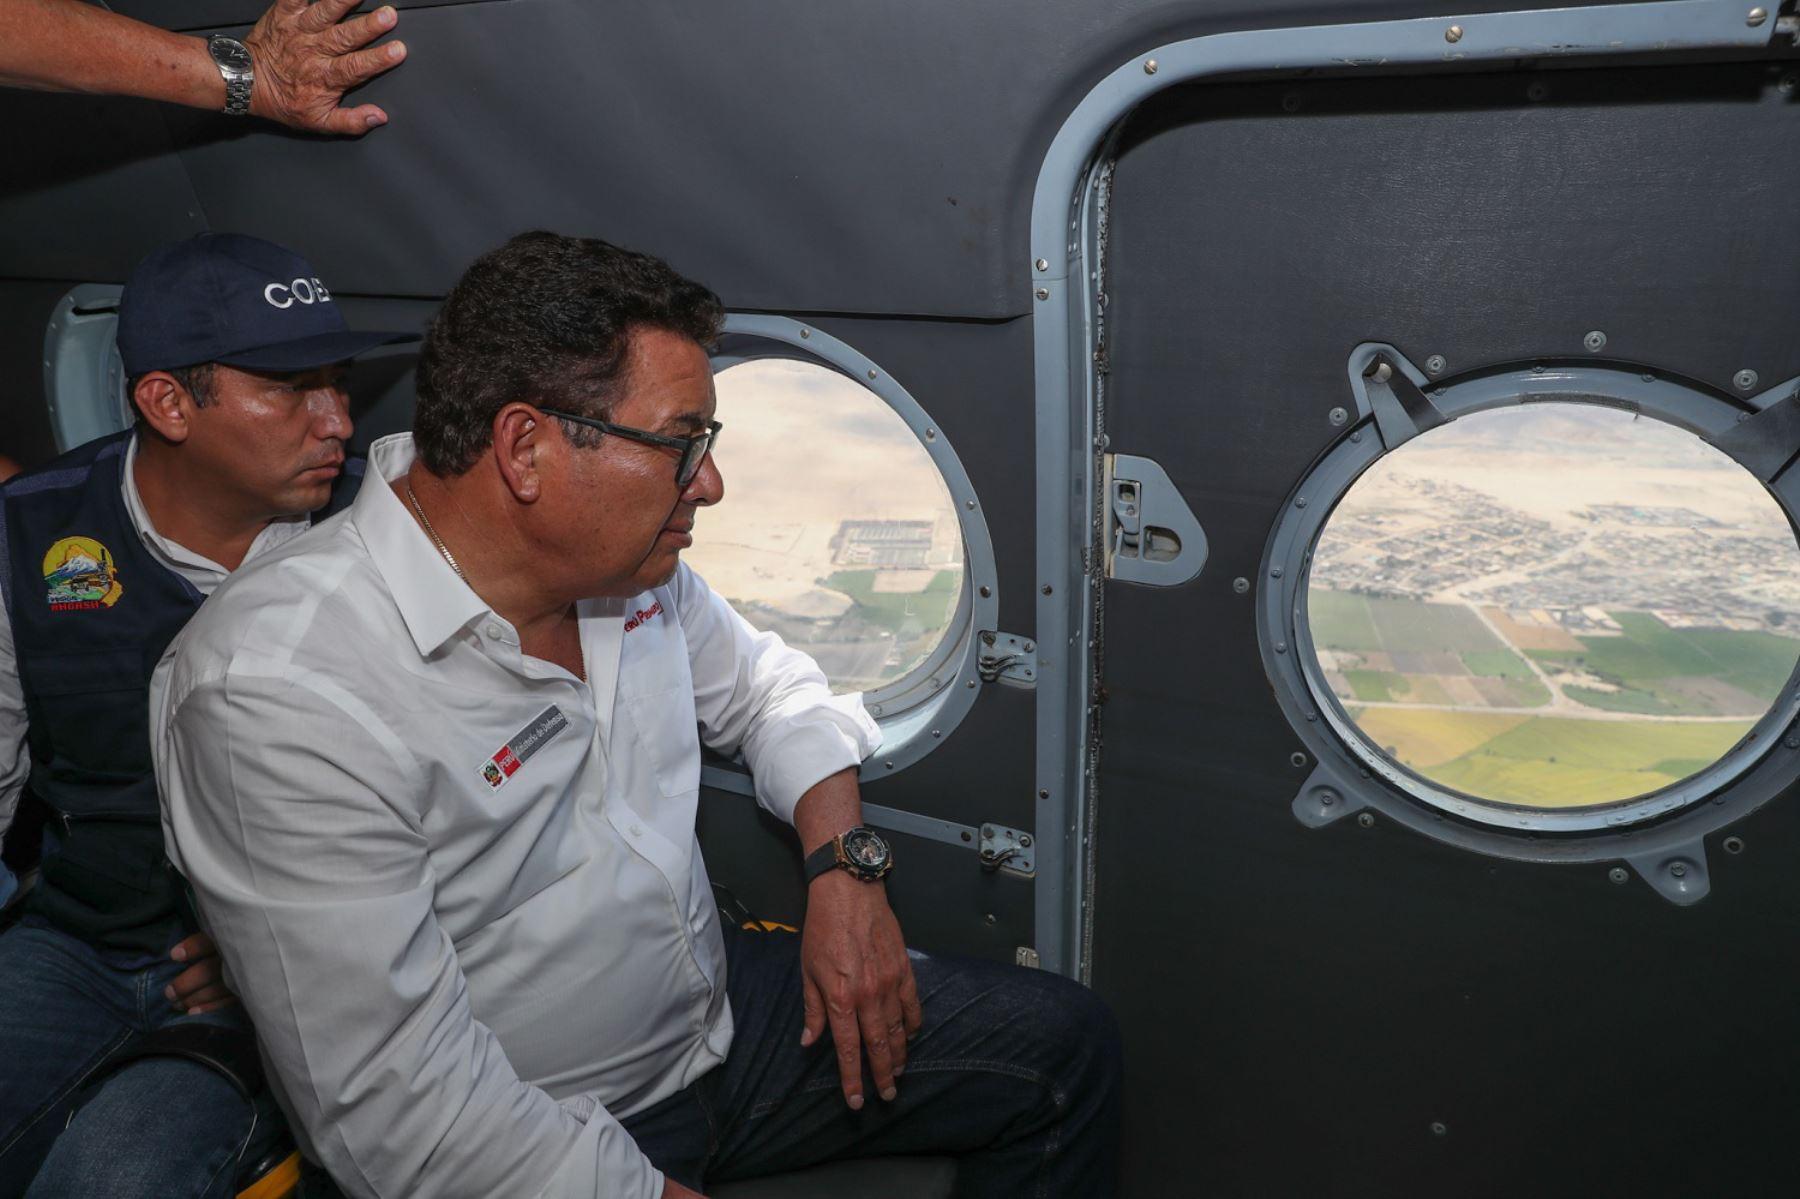 El ministro de Defensa, José Huerta, sobrevoló por las desembocaduras de los ríos Casma, Huarmey y Santa, a fin de evaluar las zonas vulnerables y de riesgo ante las lluvias intensas.